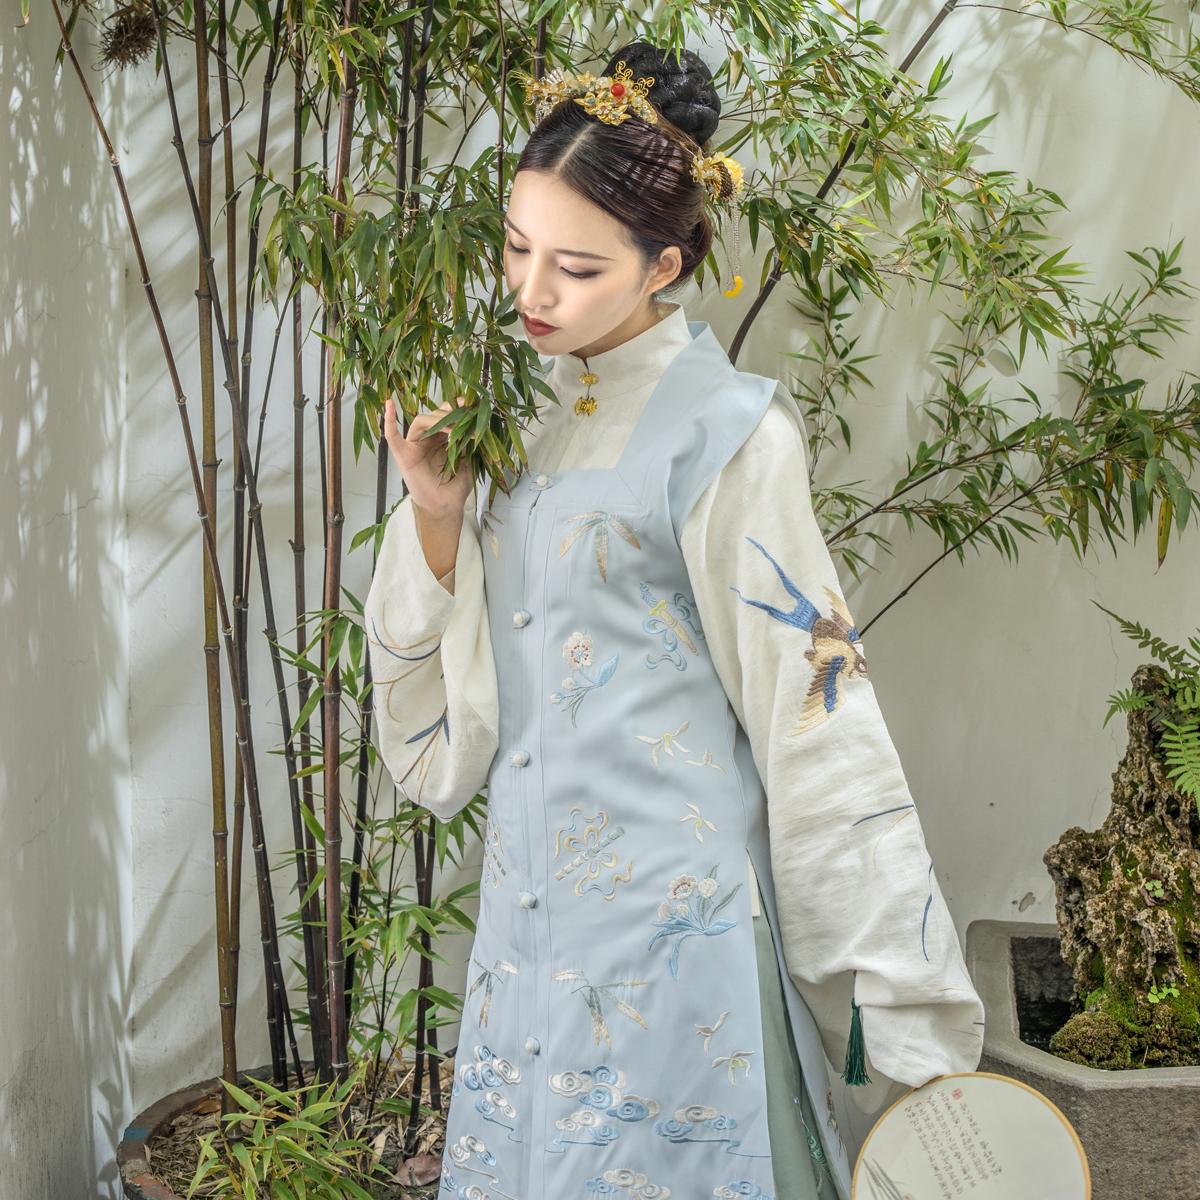 【都城南庄】汉服明制绣花方领长比甲可搭袄裙襦裙交领竖领-媌画